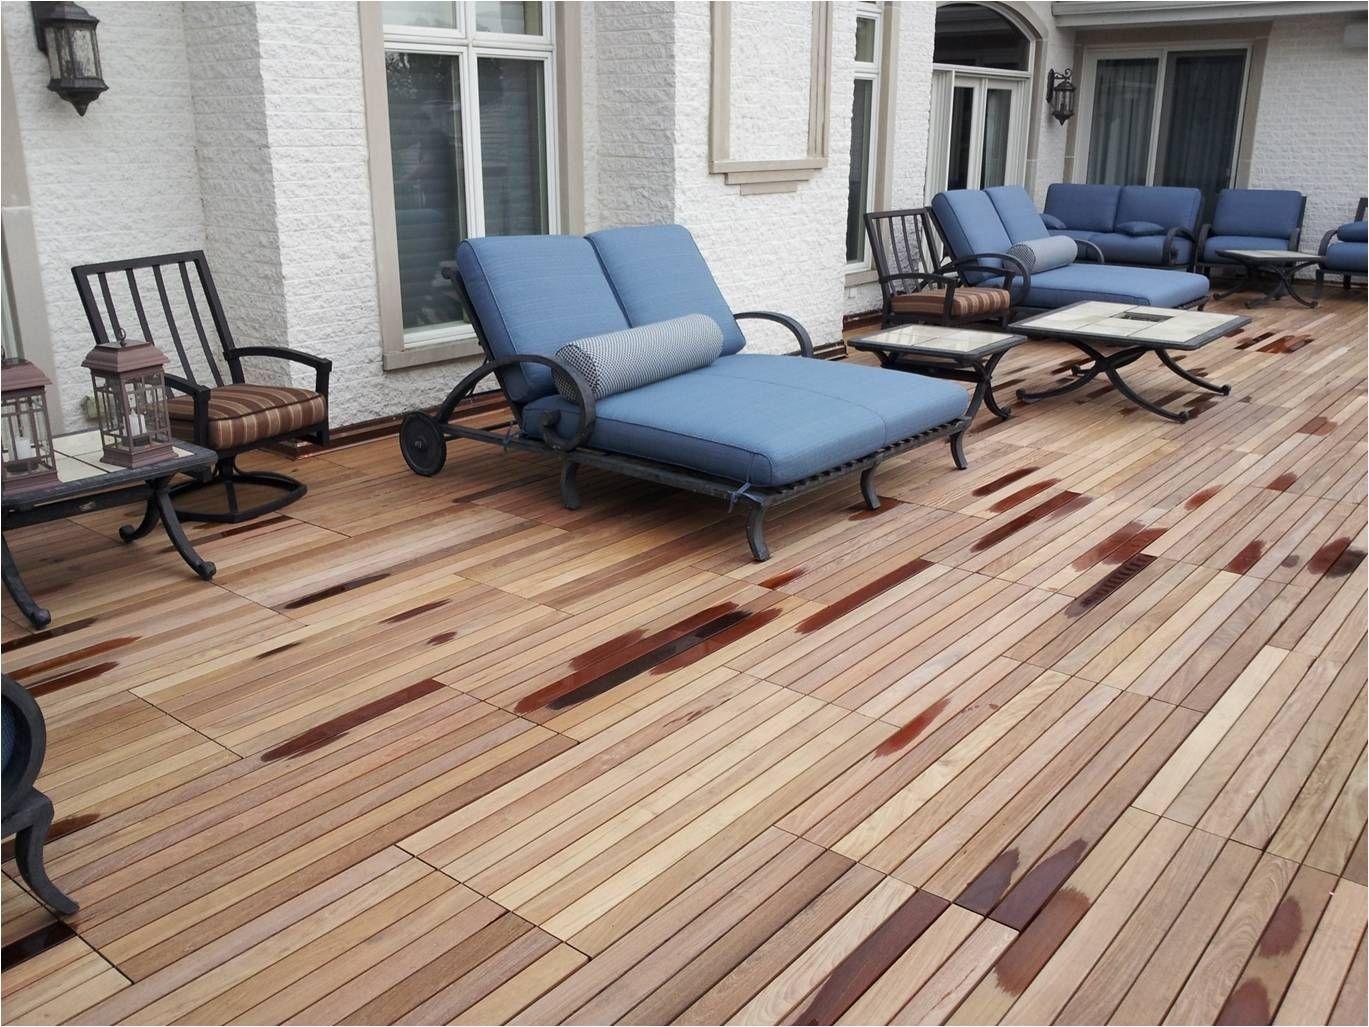 Ikea Wood Deck Tiles Well Made Wood Deck Tiles Cement